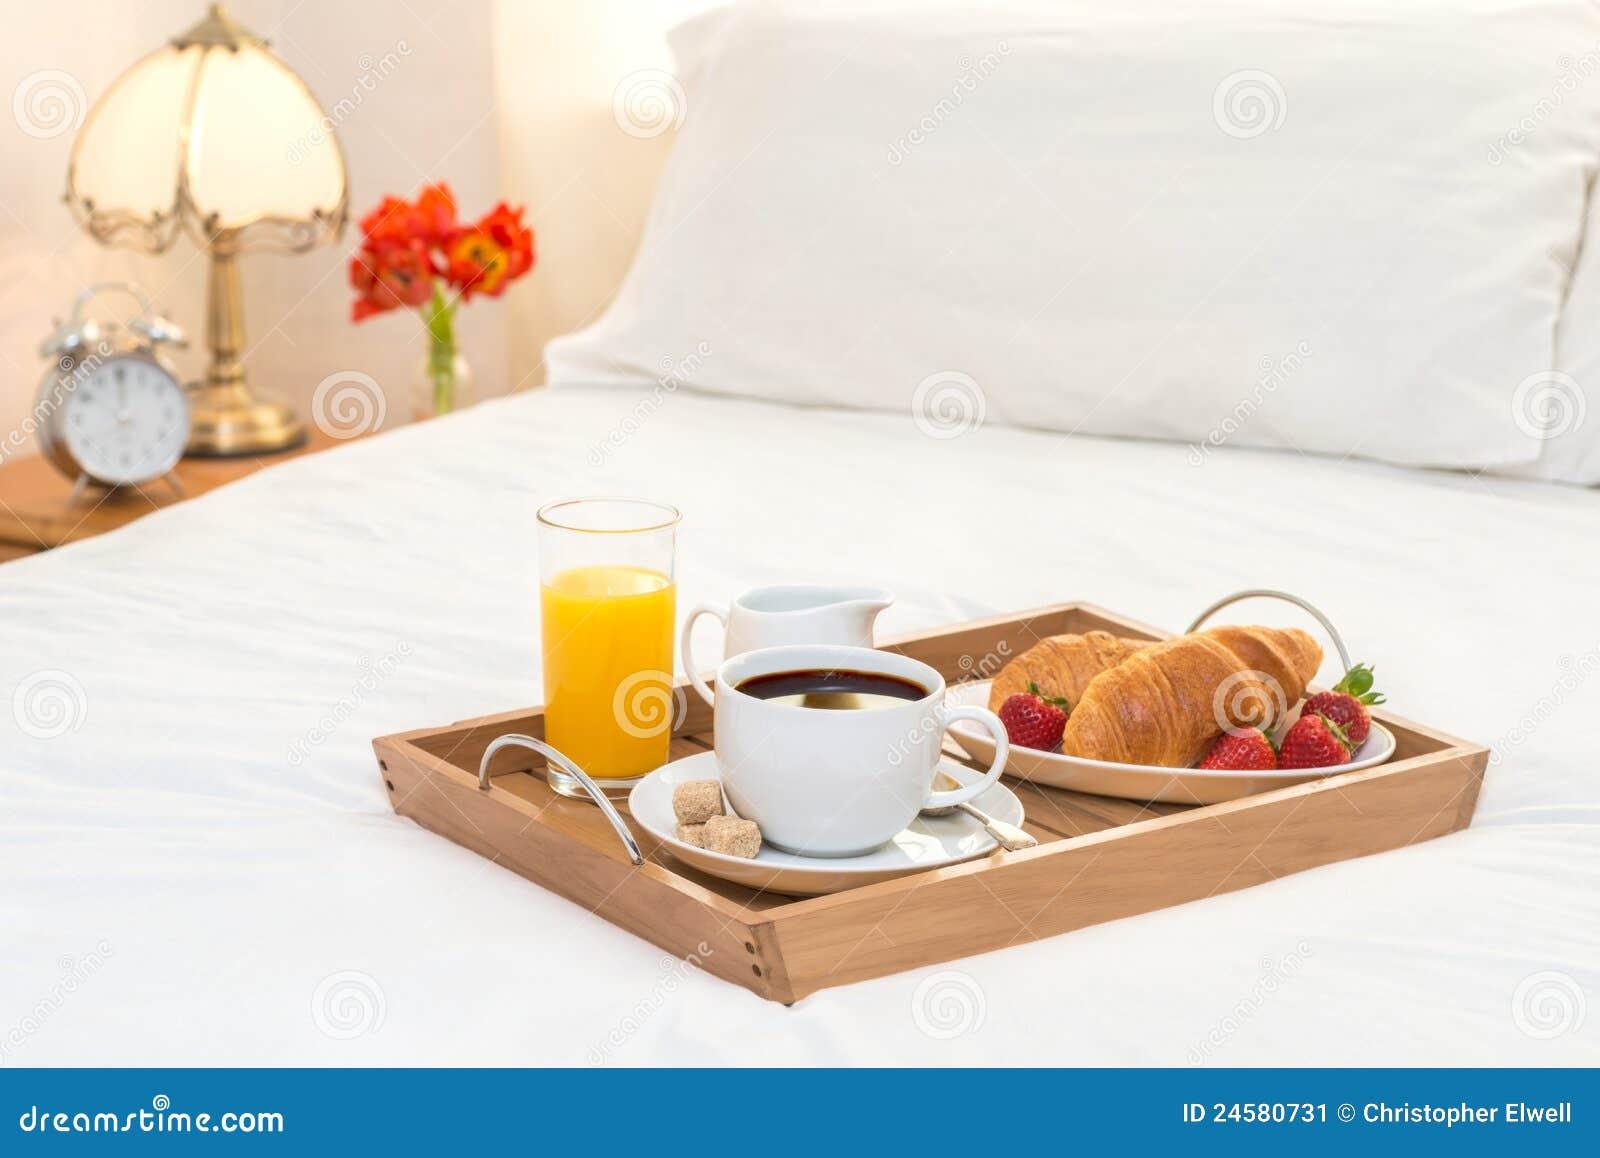 Desayuno servido en cama imagen de archivo imagen de - Bandeja desayuno cama ...